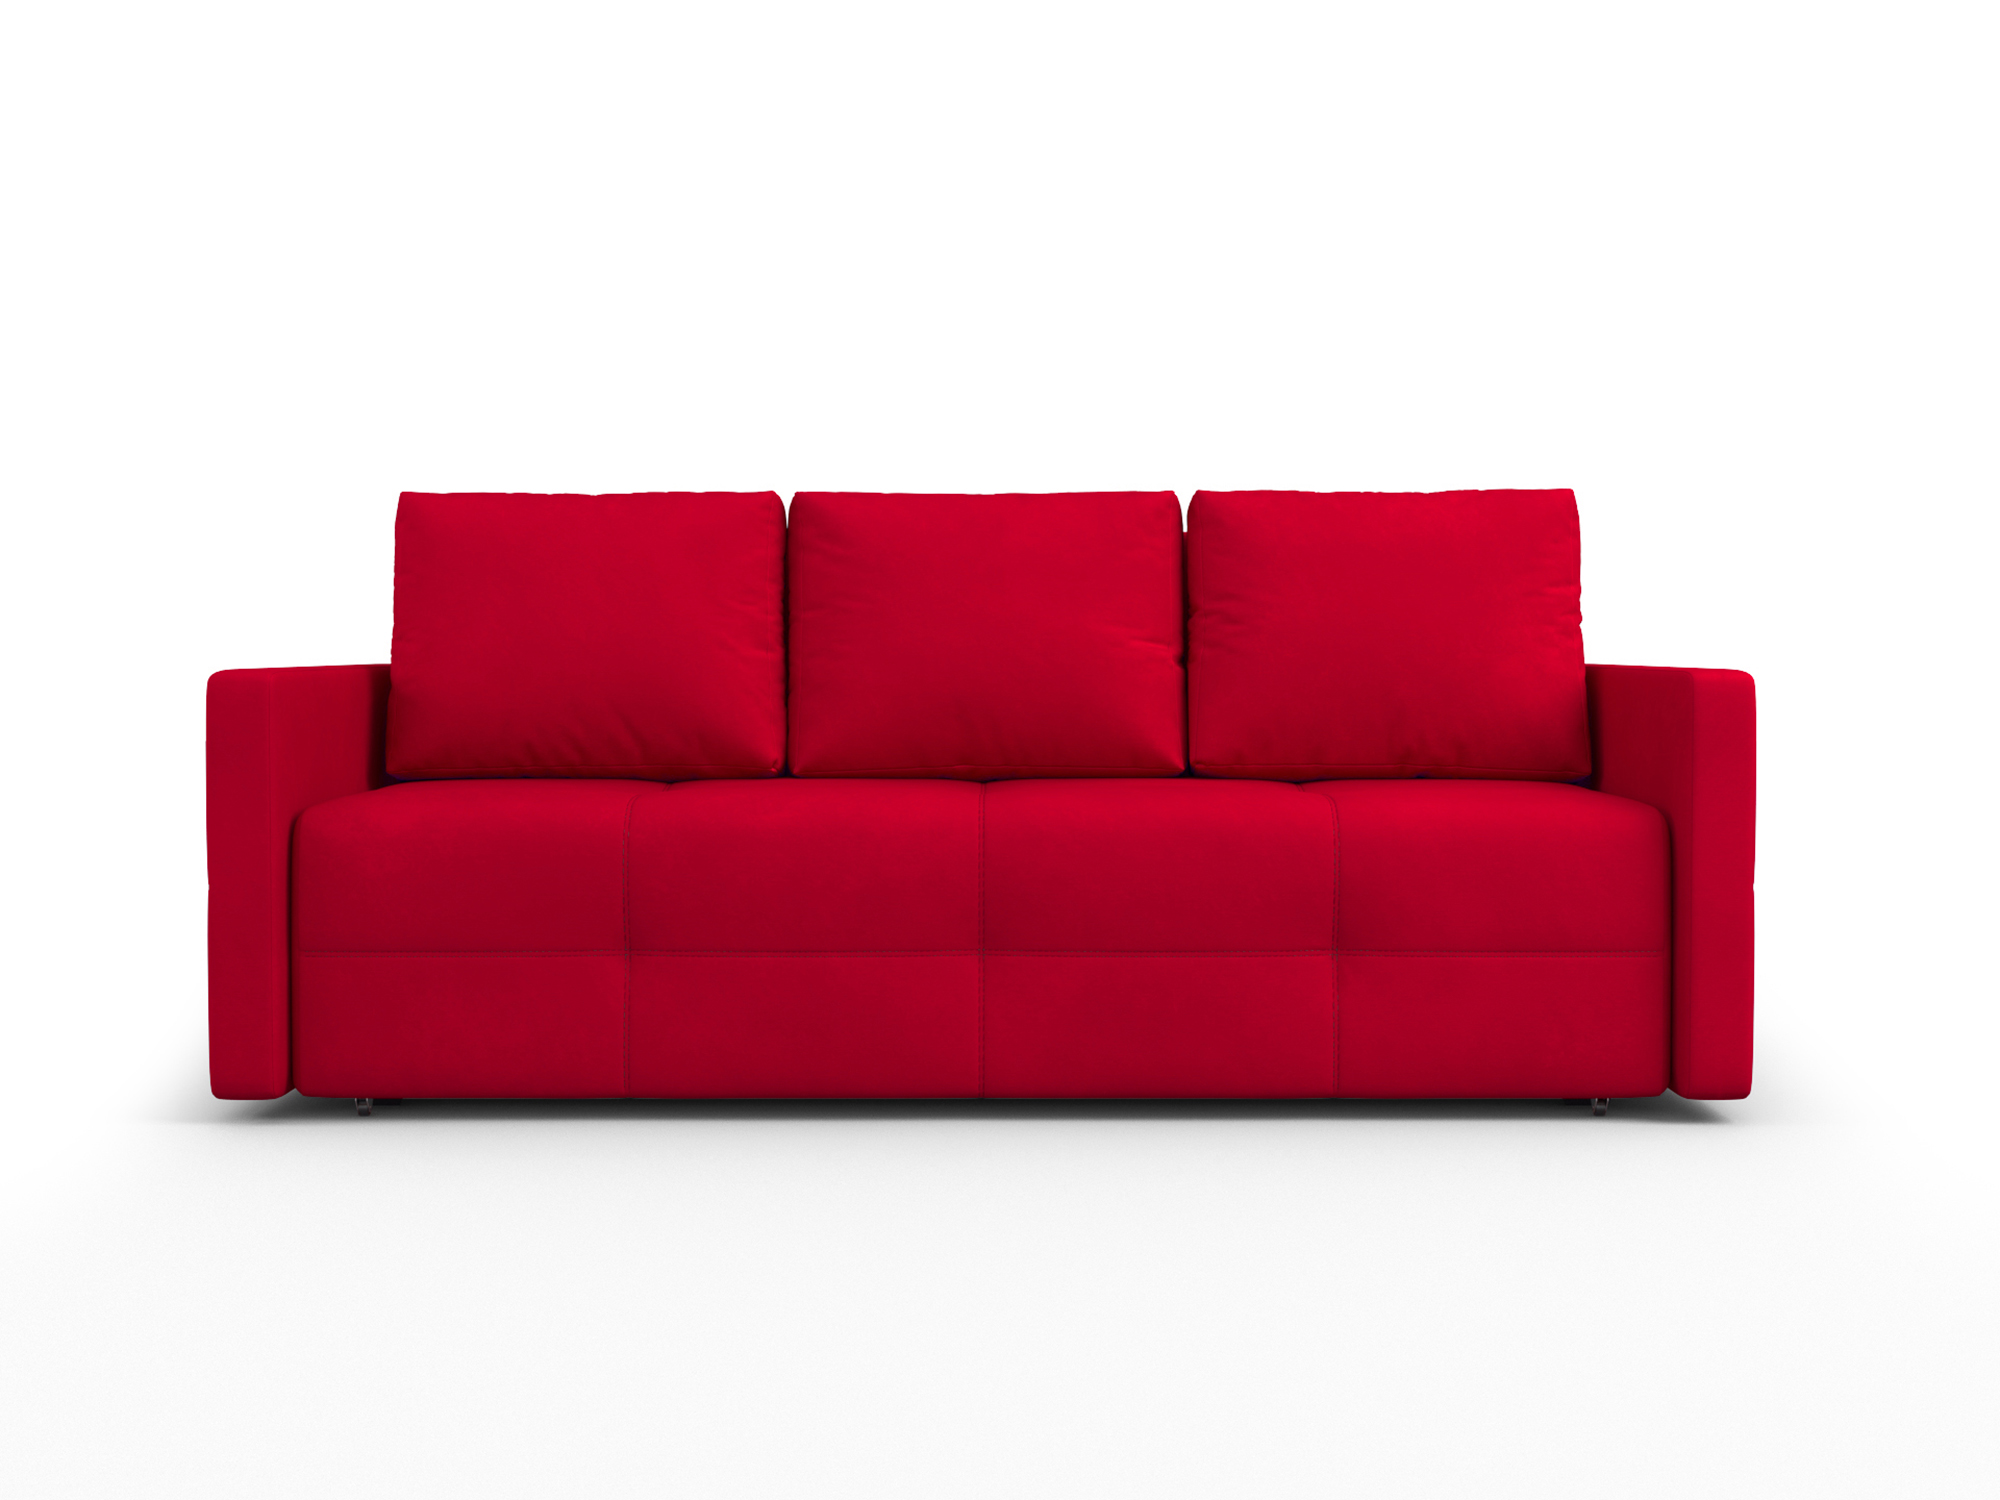 Фото - Диван Марсель 2 MebelVia Красный, Микровелюр, Брус сосны диван мальтида mebelvia красный микровелюр брус сосны